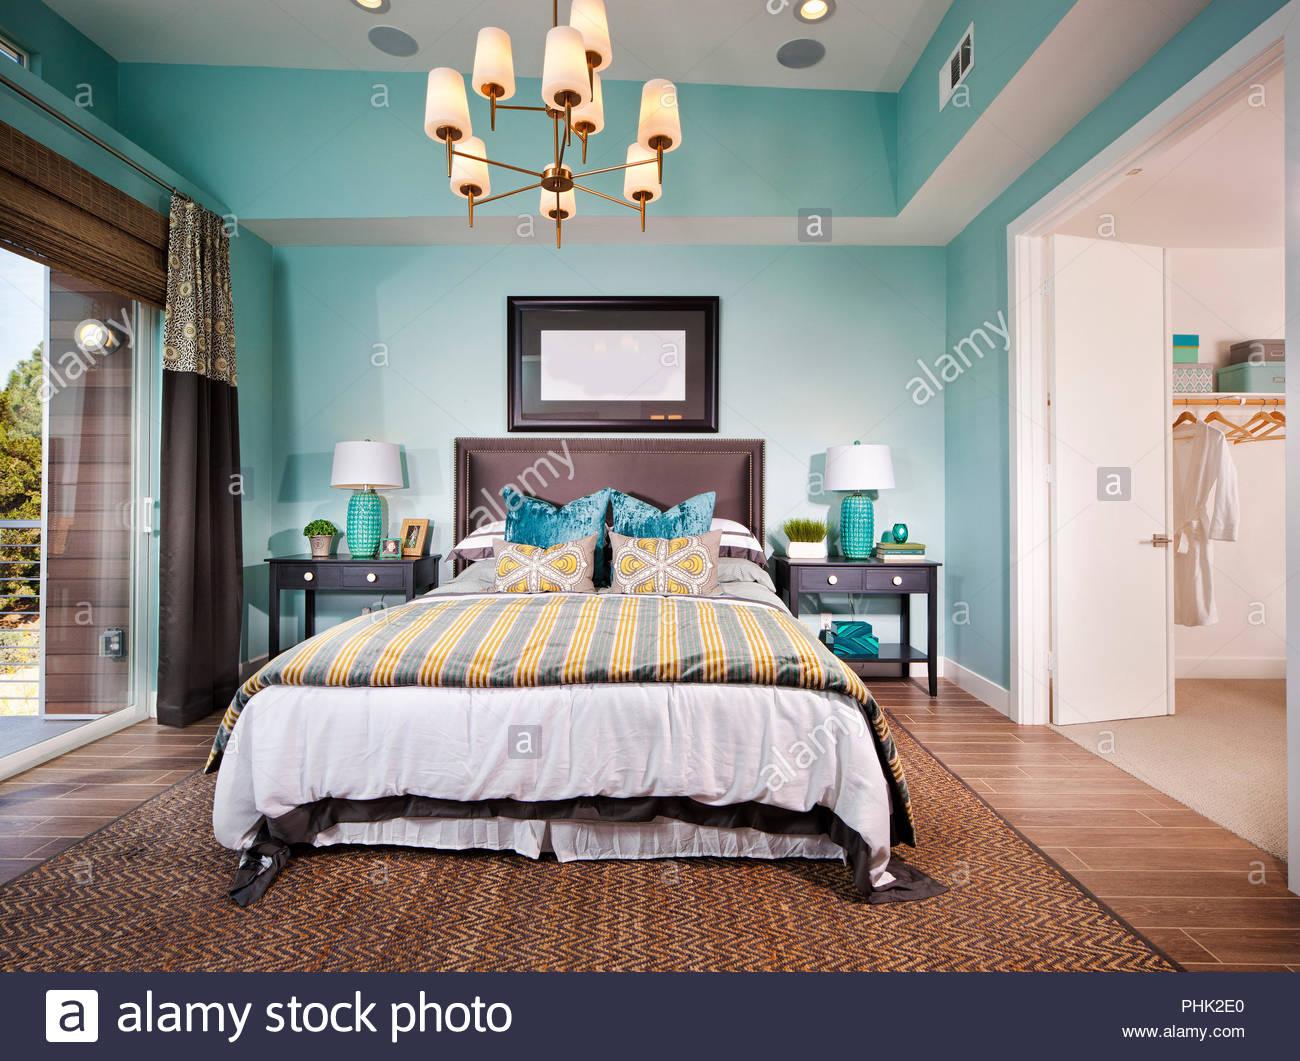 Schlafzimmer mit Kronleuchter Stockbild